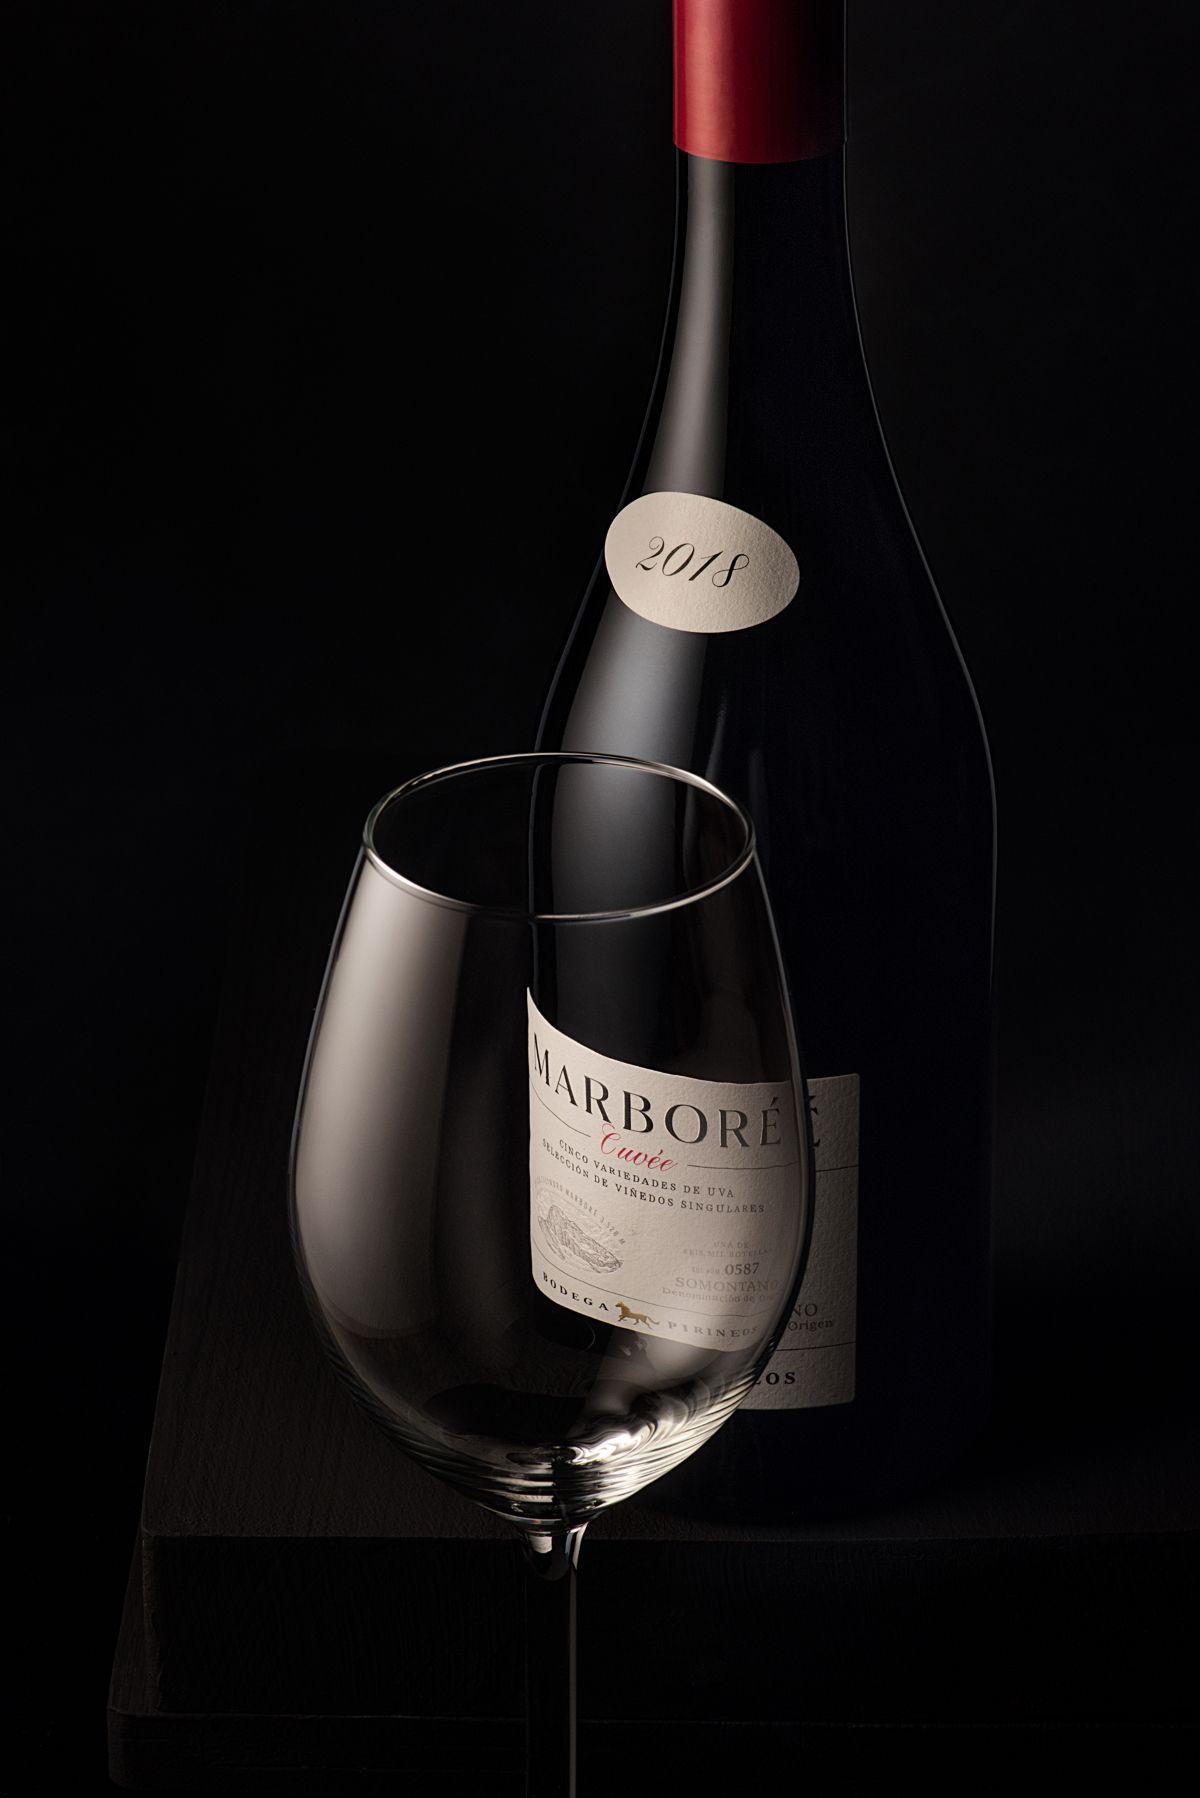 Marboré Cuvée, la nueva apuesta por los vinos singulares de Bodega Pirineos